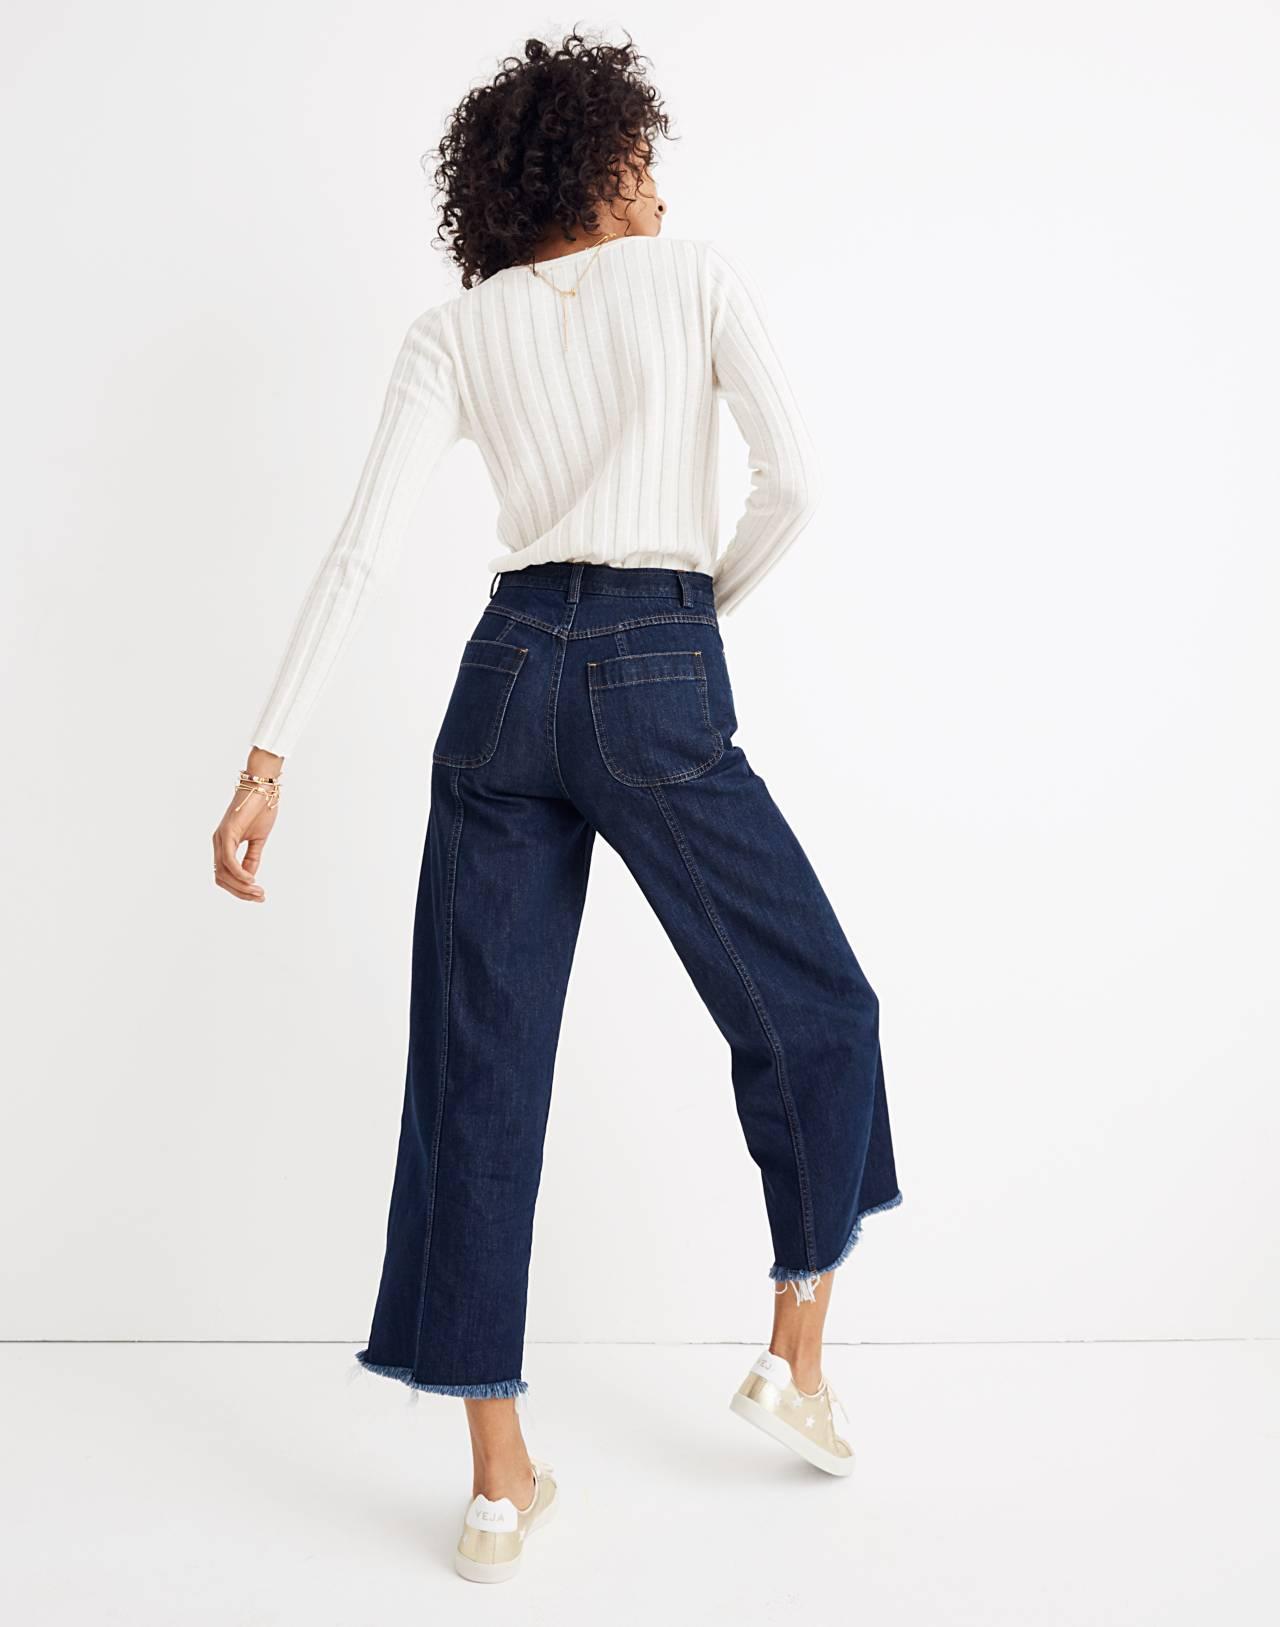 Madewell x Karen Walker® Blazar Zip Wide-Leg Jeans in walker wash image 3